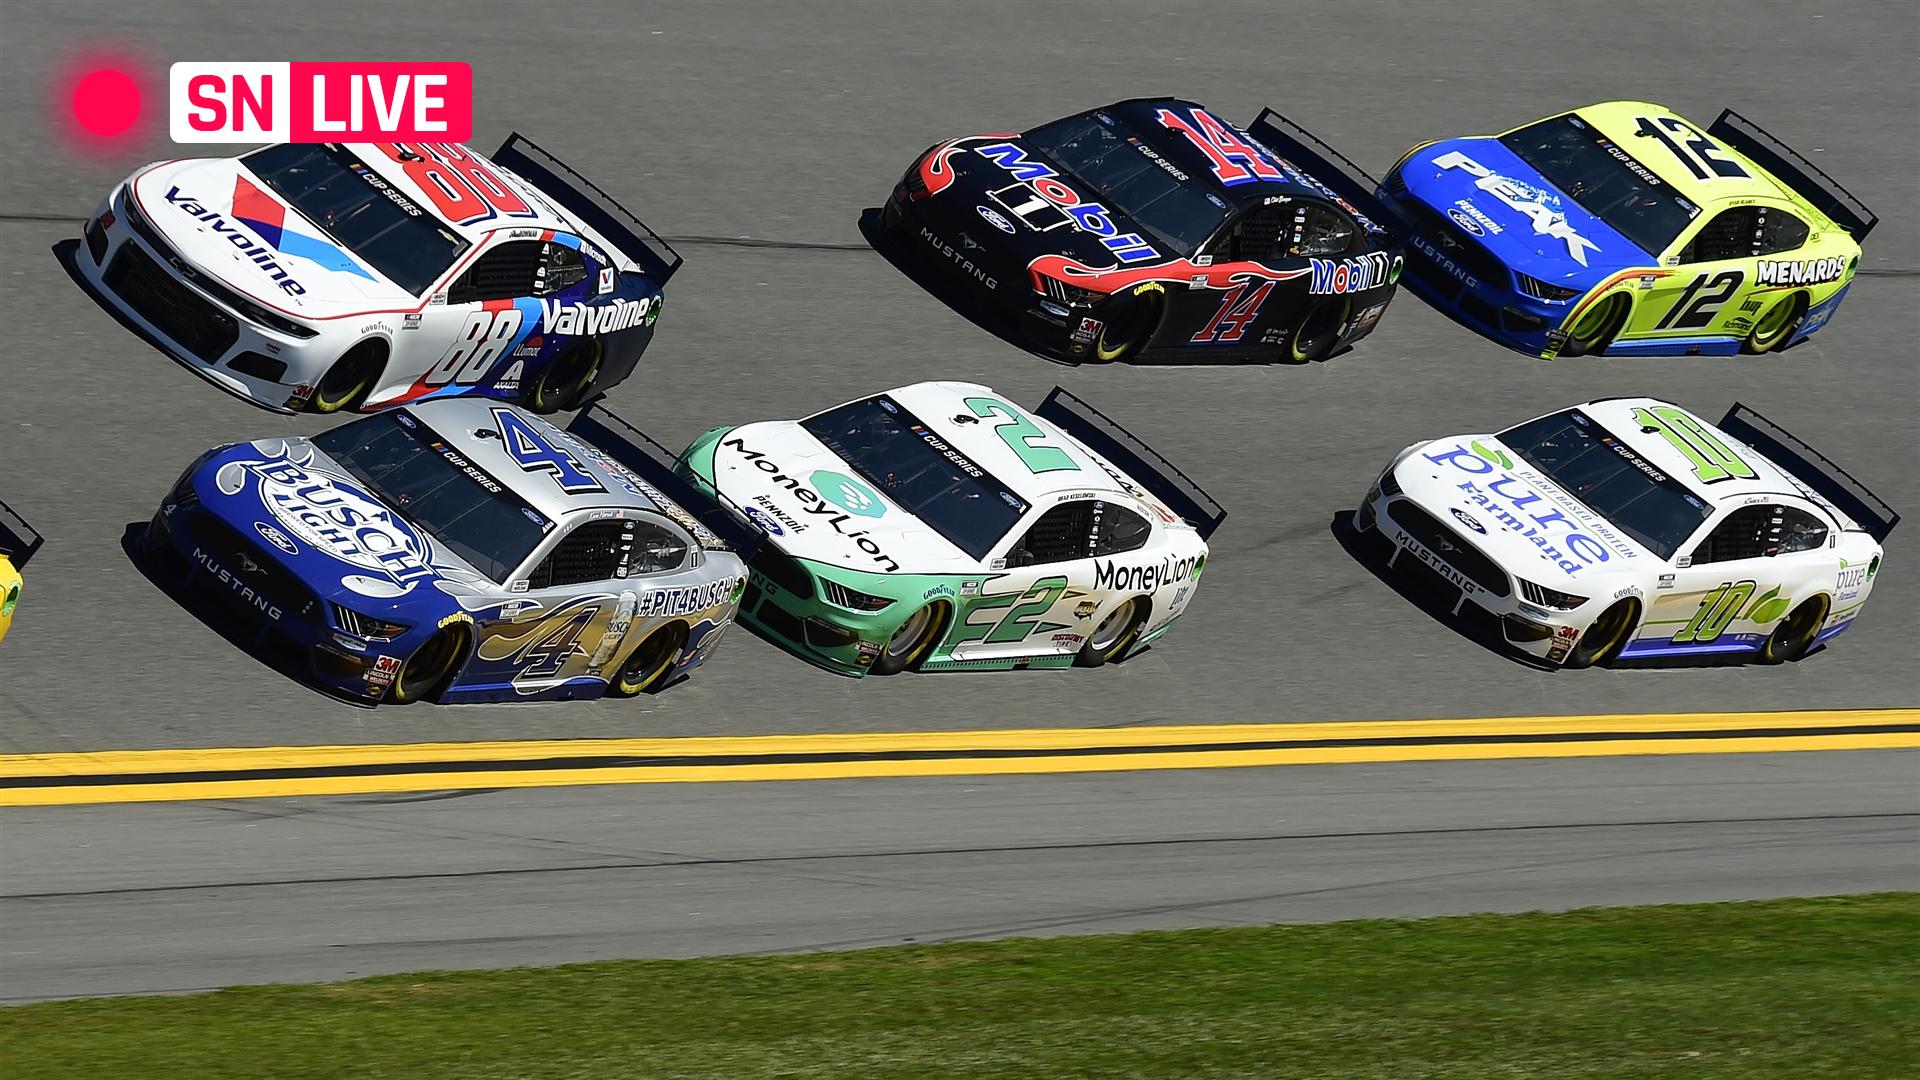 Choque en Daytona 2020: actualizaciones en vivo, resultados, aspectos más destacados de la carrera de exhibición de la Copa NASCAR 2